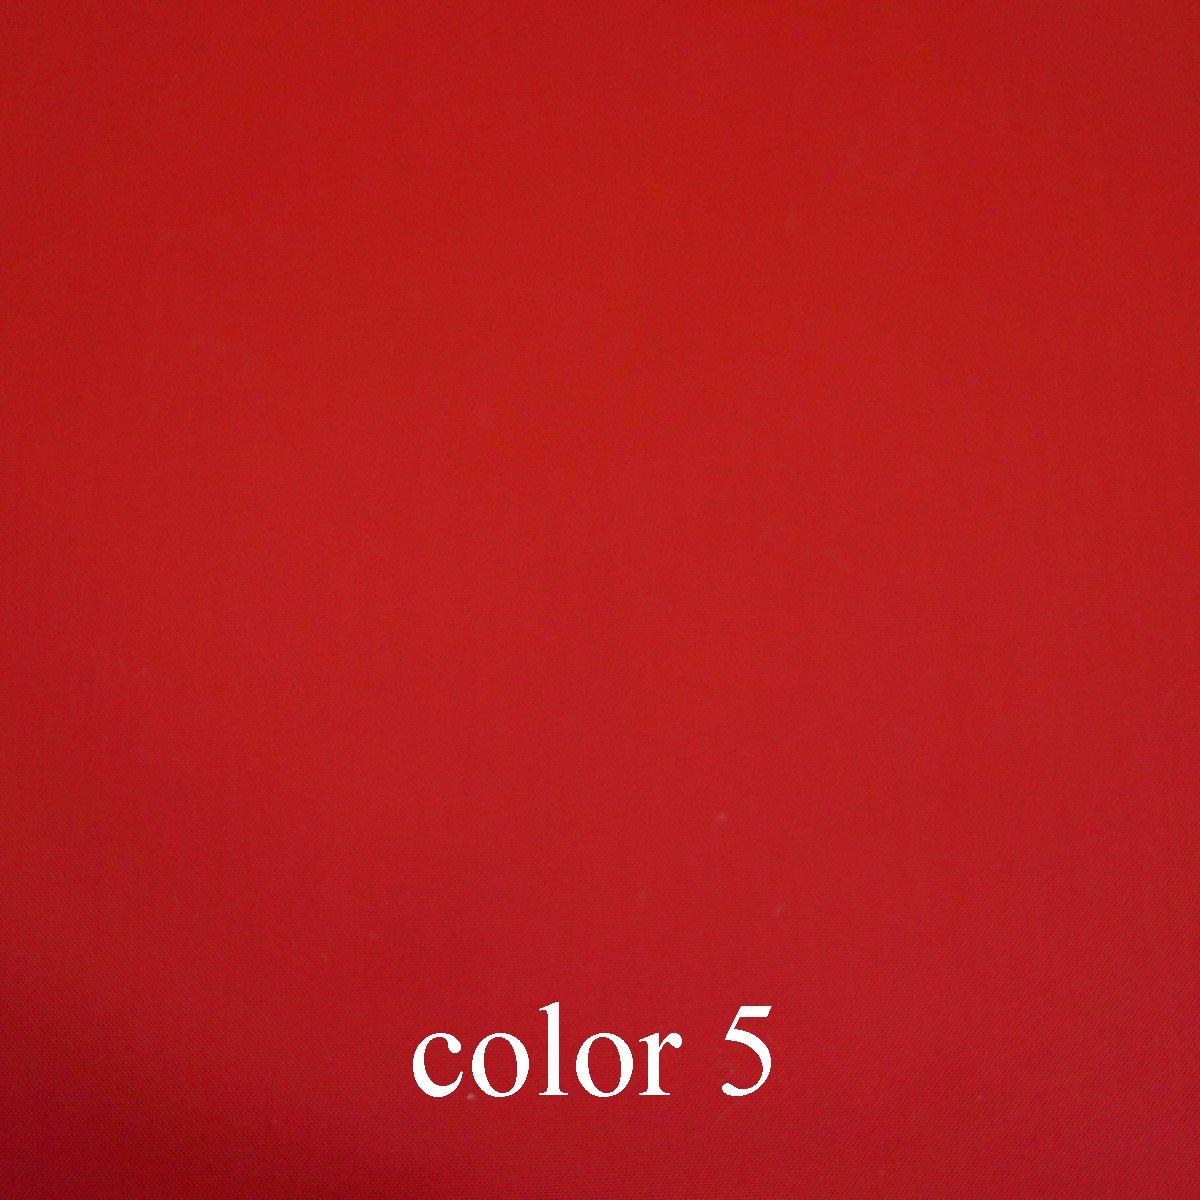 Ordesa 5 rojo